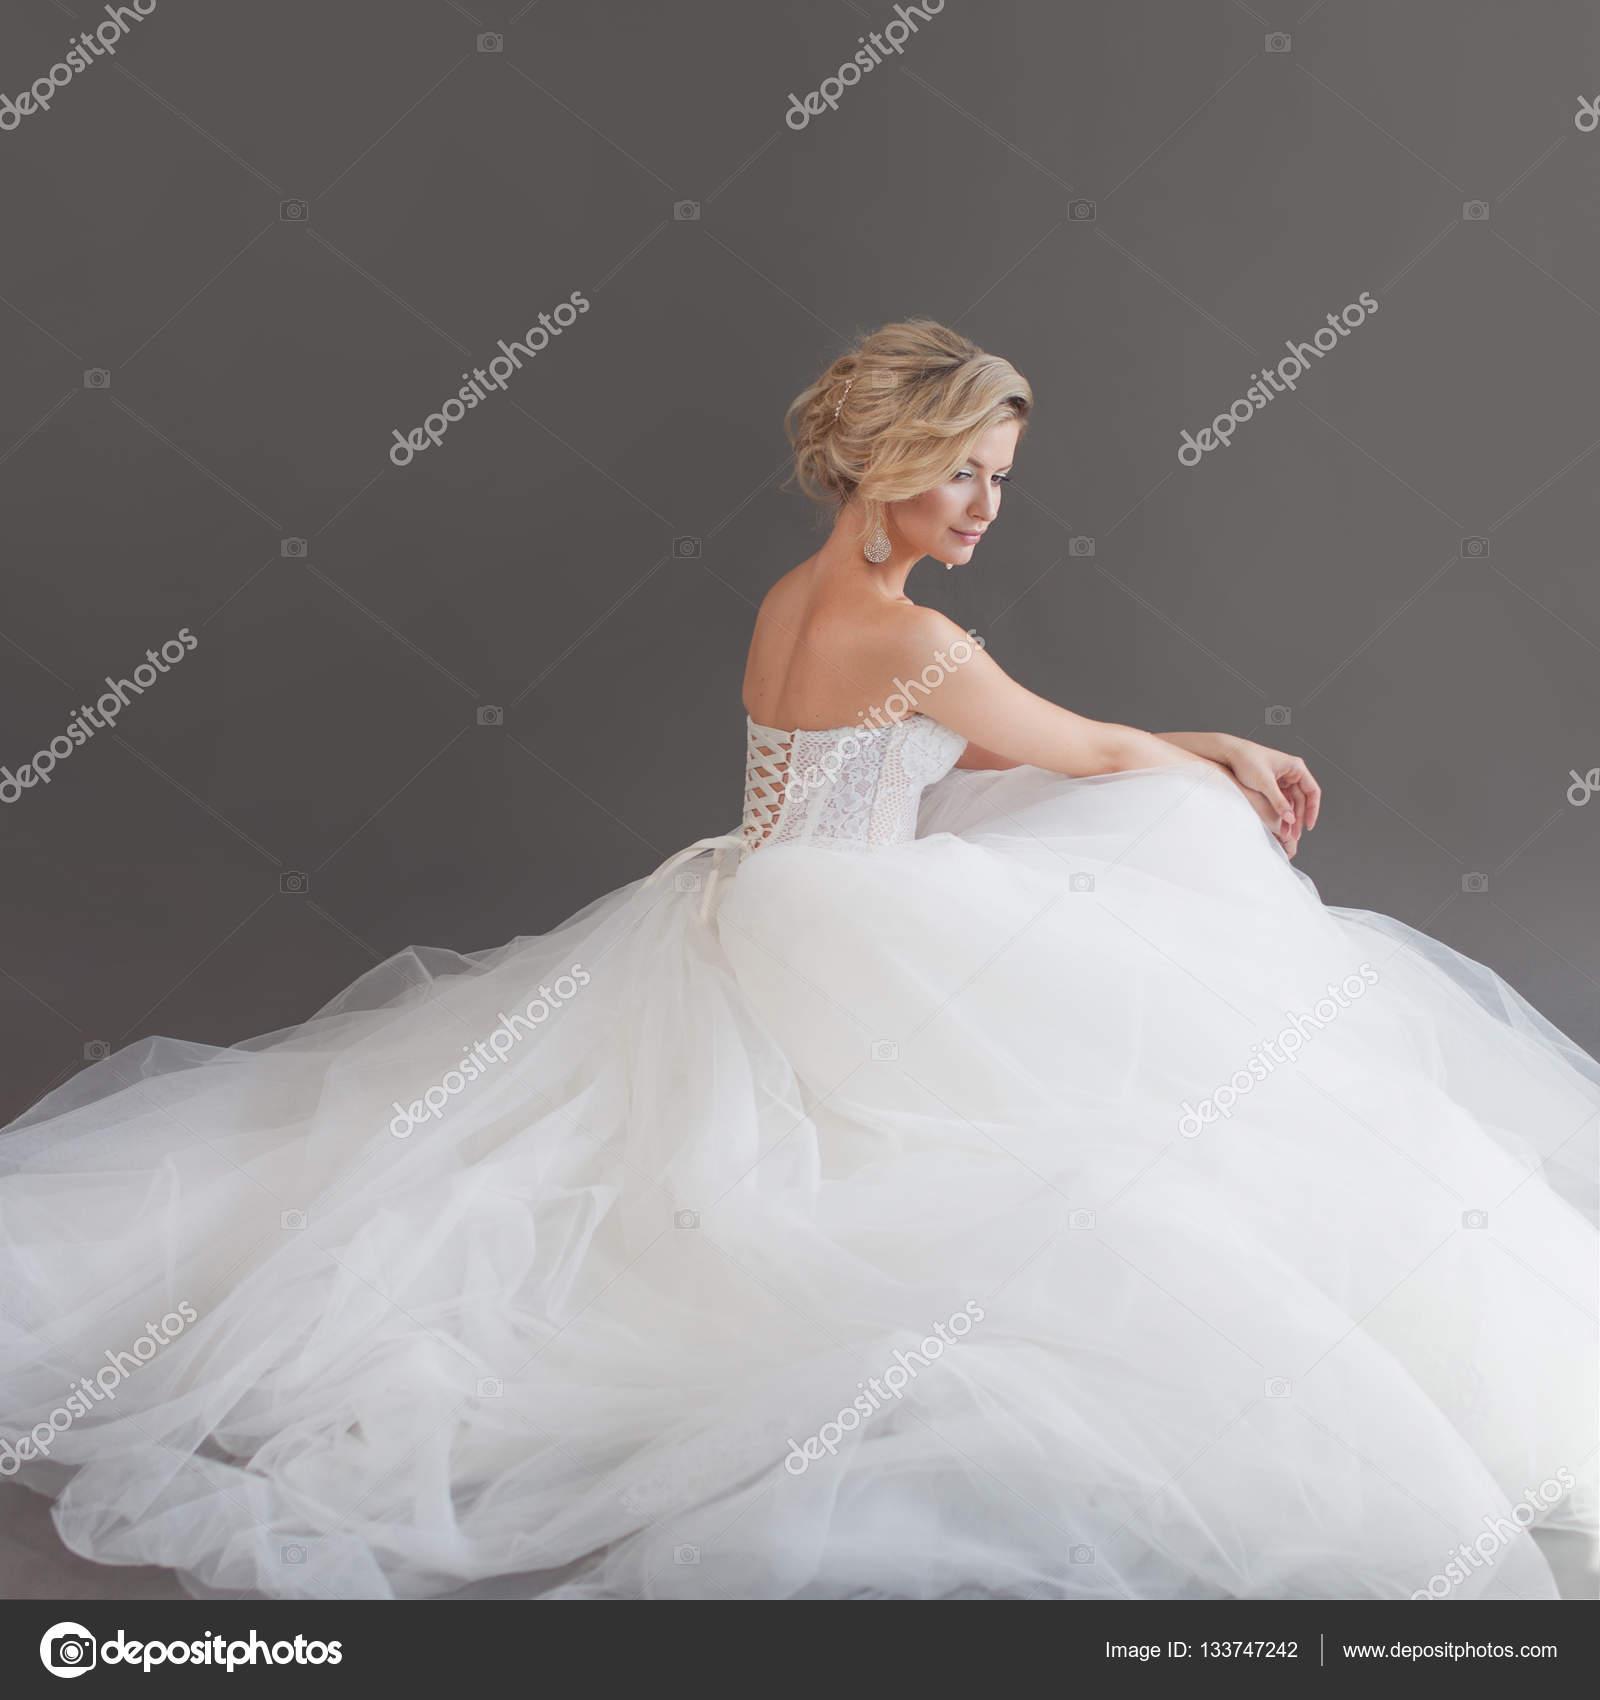 Charmante junge Braut in luxuriöse Brautkleid. Hübsches Mädchen in ...